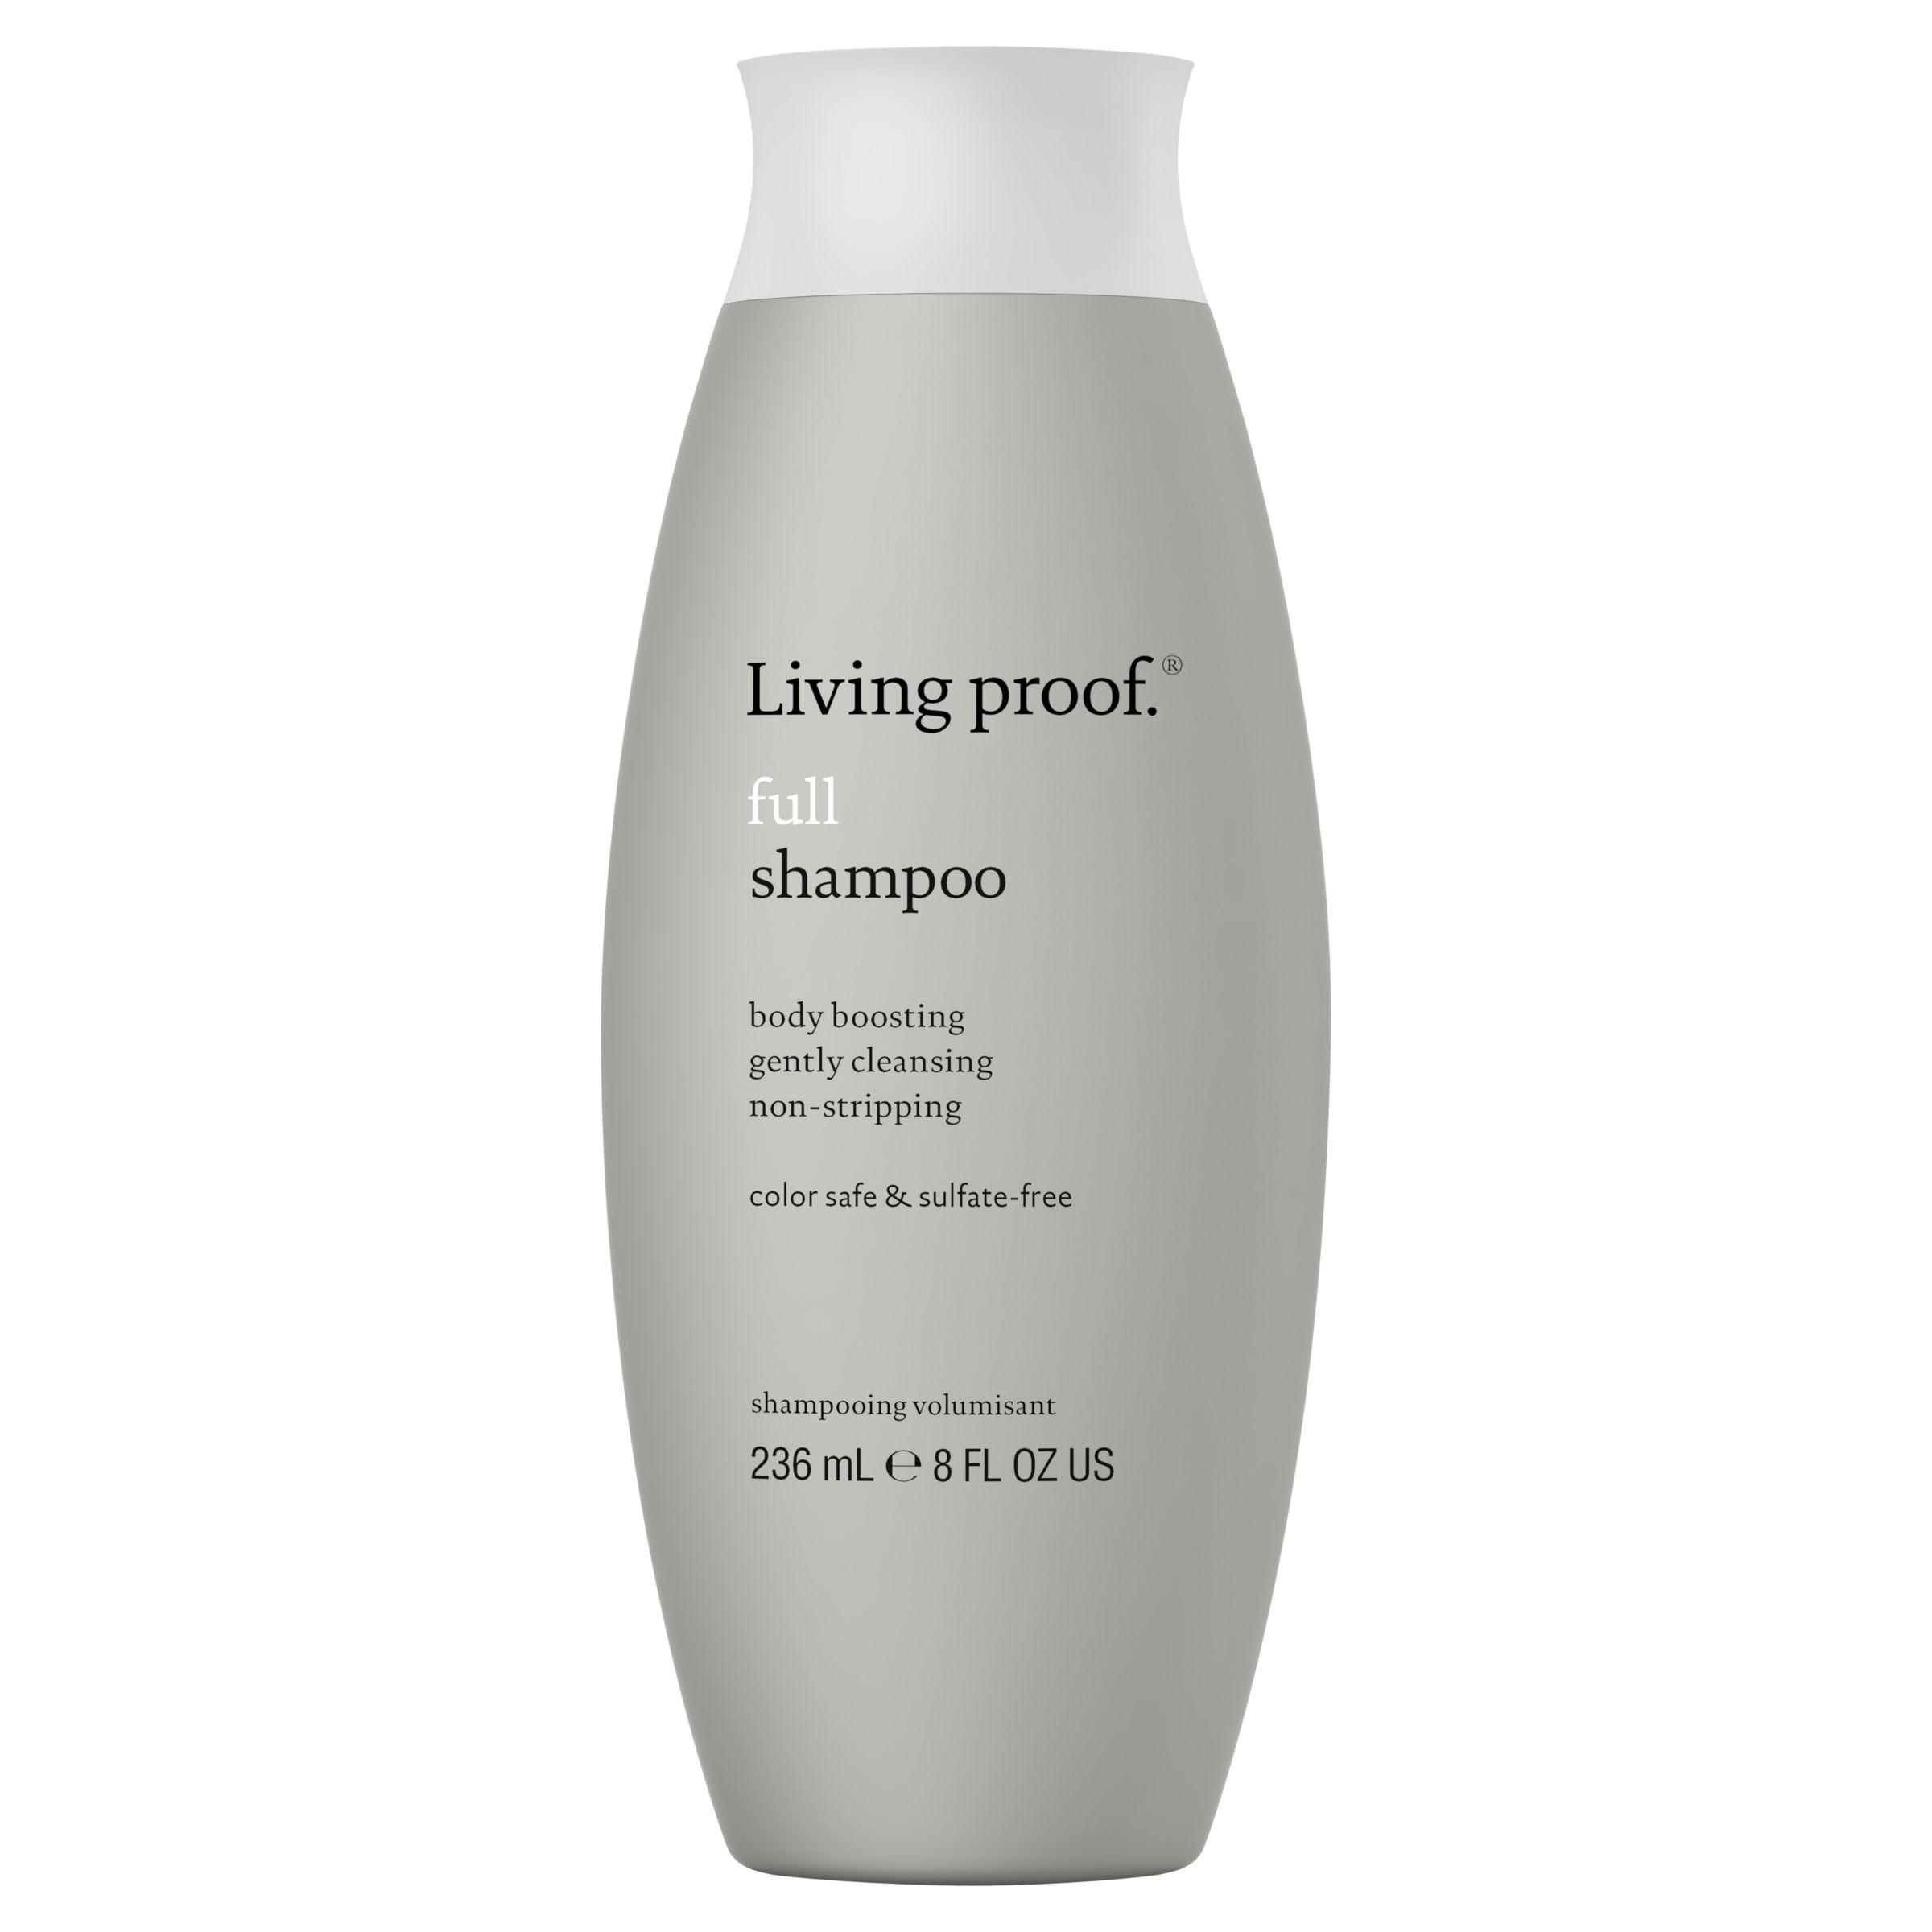 Living Proof Living Proof Full Shampoo, 236ml